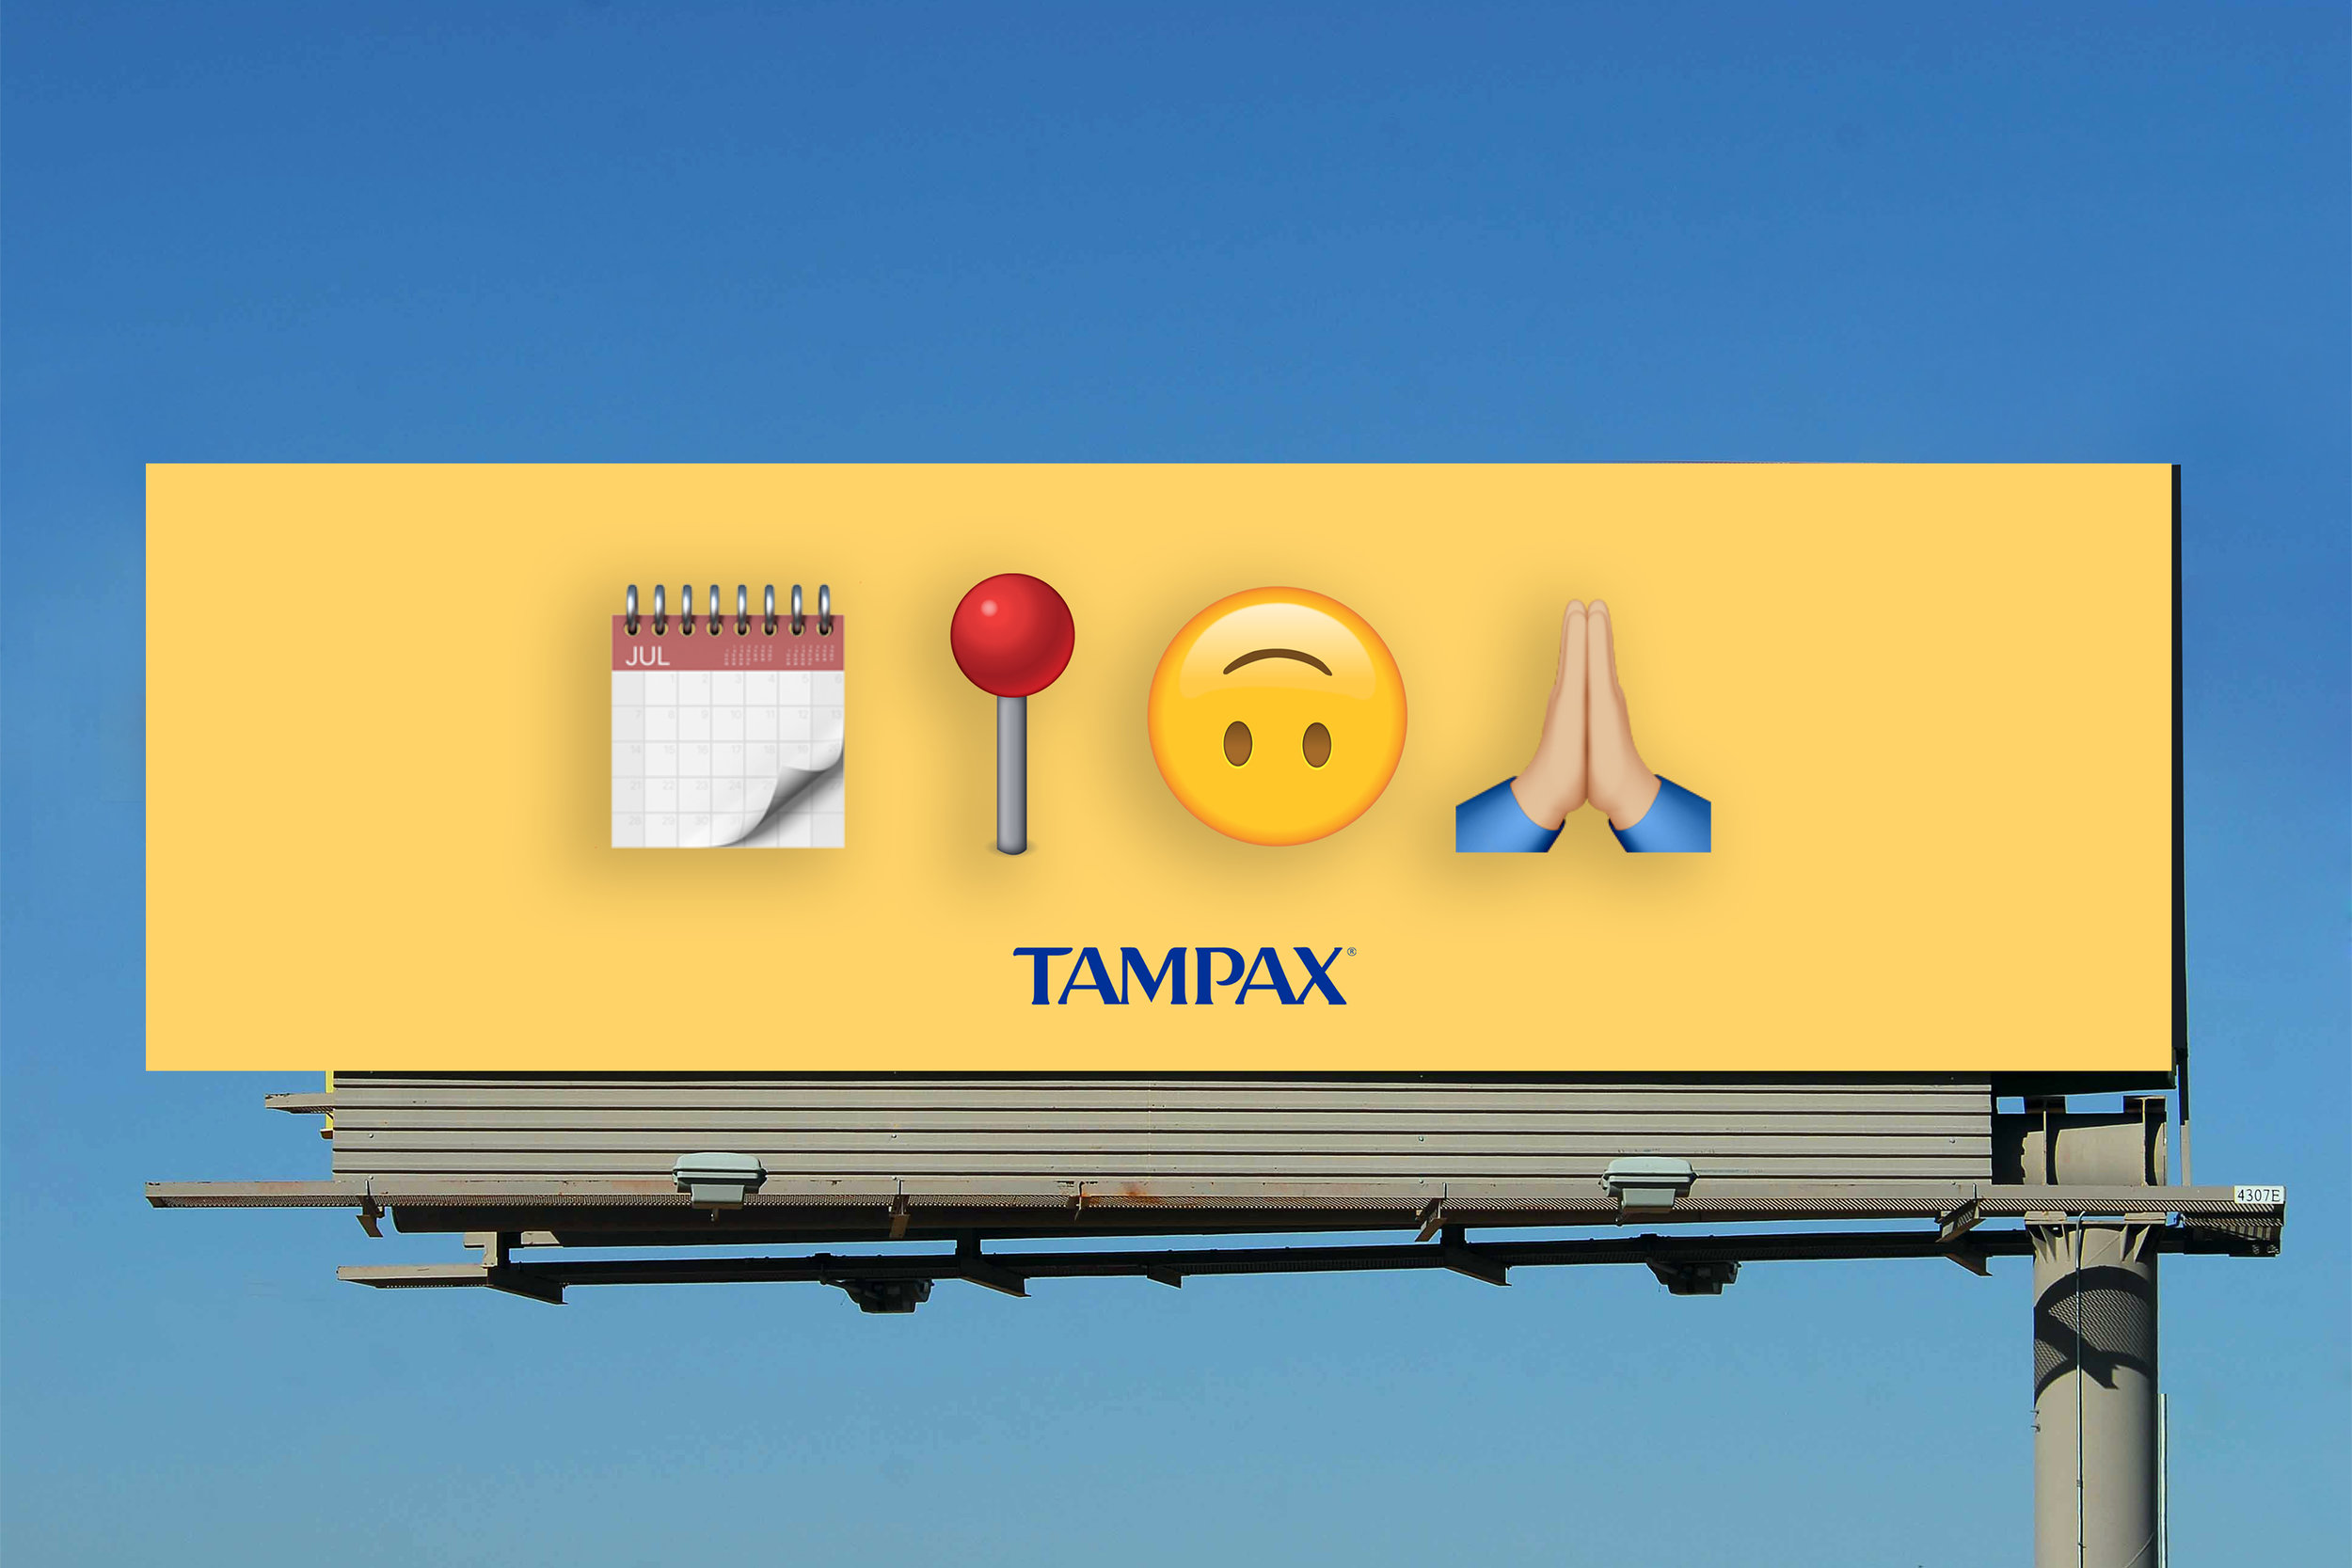 tampax billboard 03.jpg